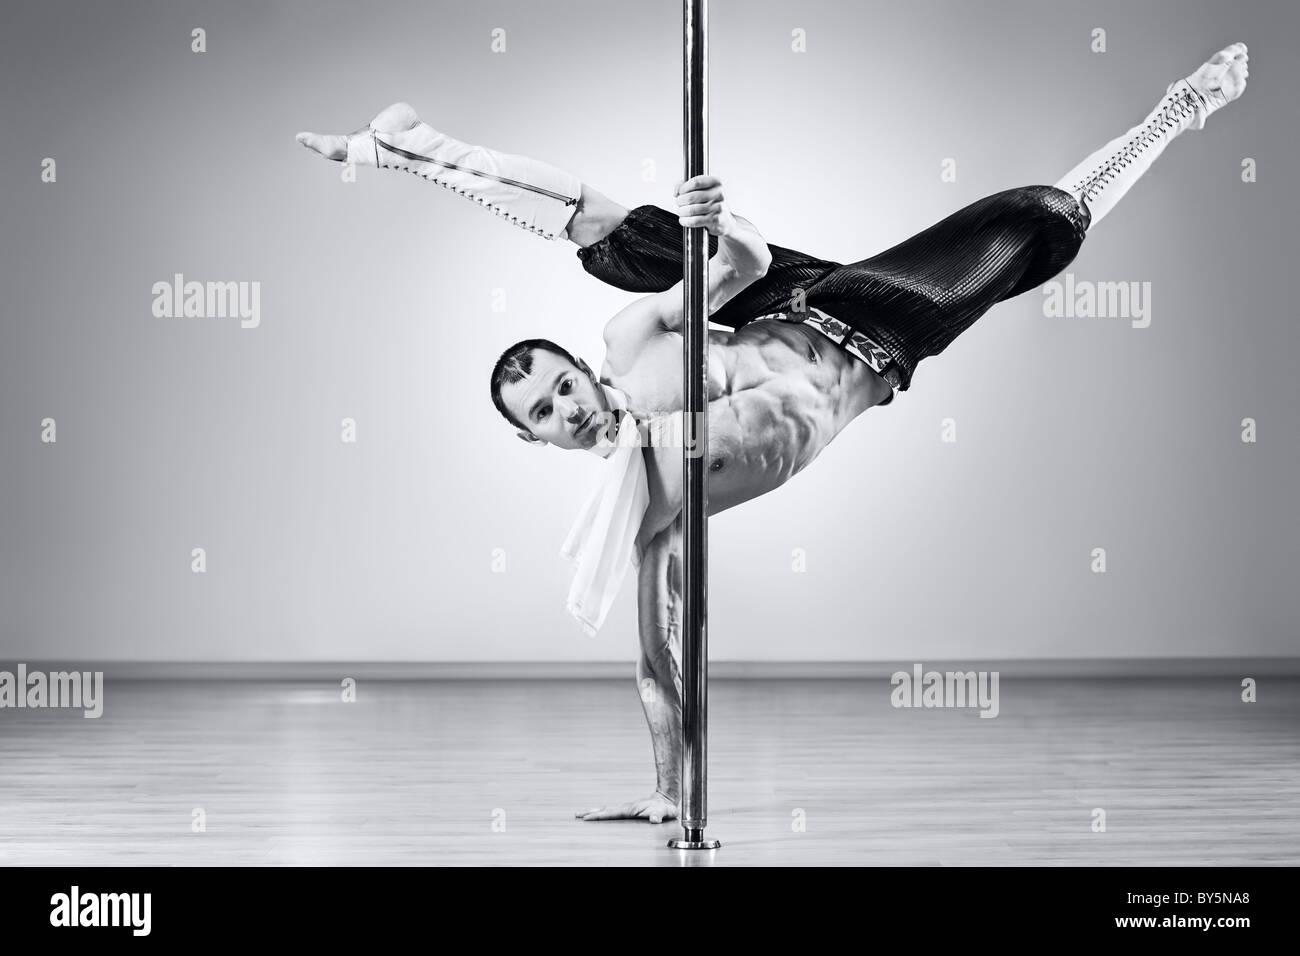 Junge starke Pole-Dance-Mann. Farben schwarz und weiß. Stockbild